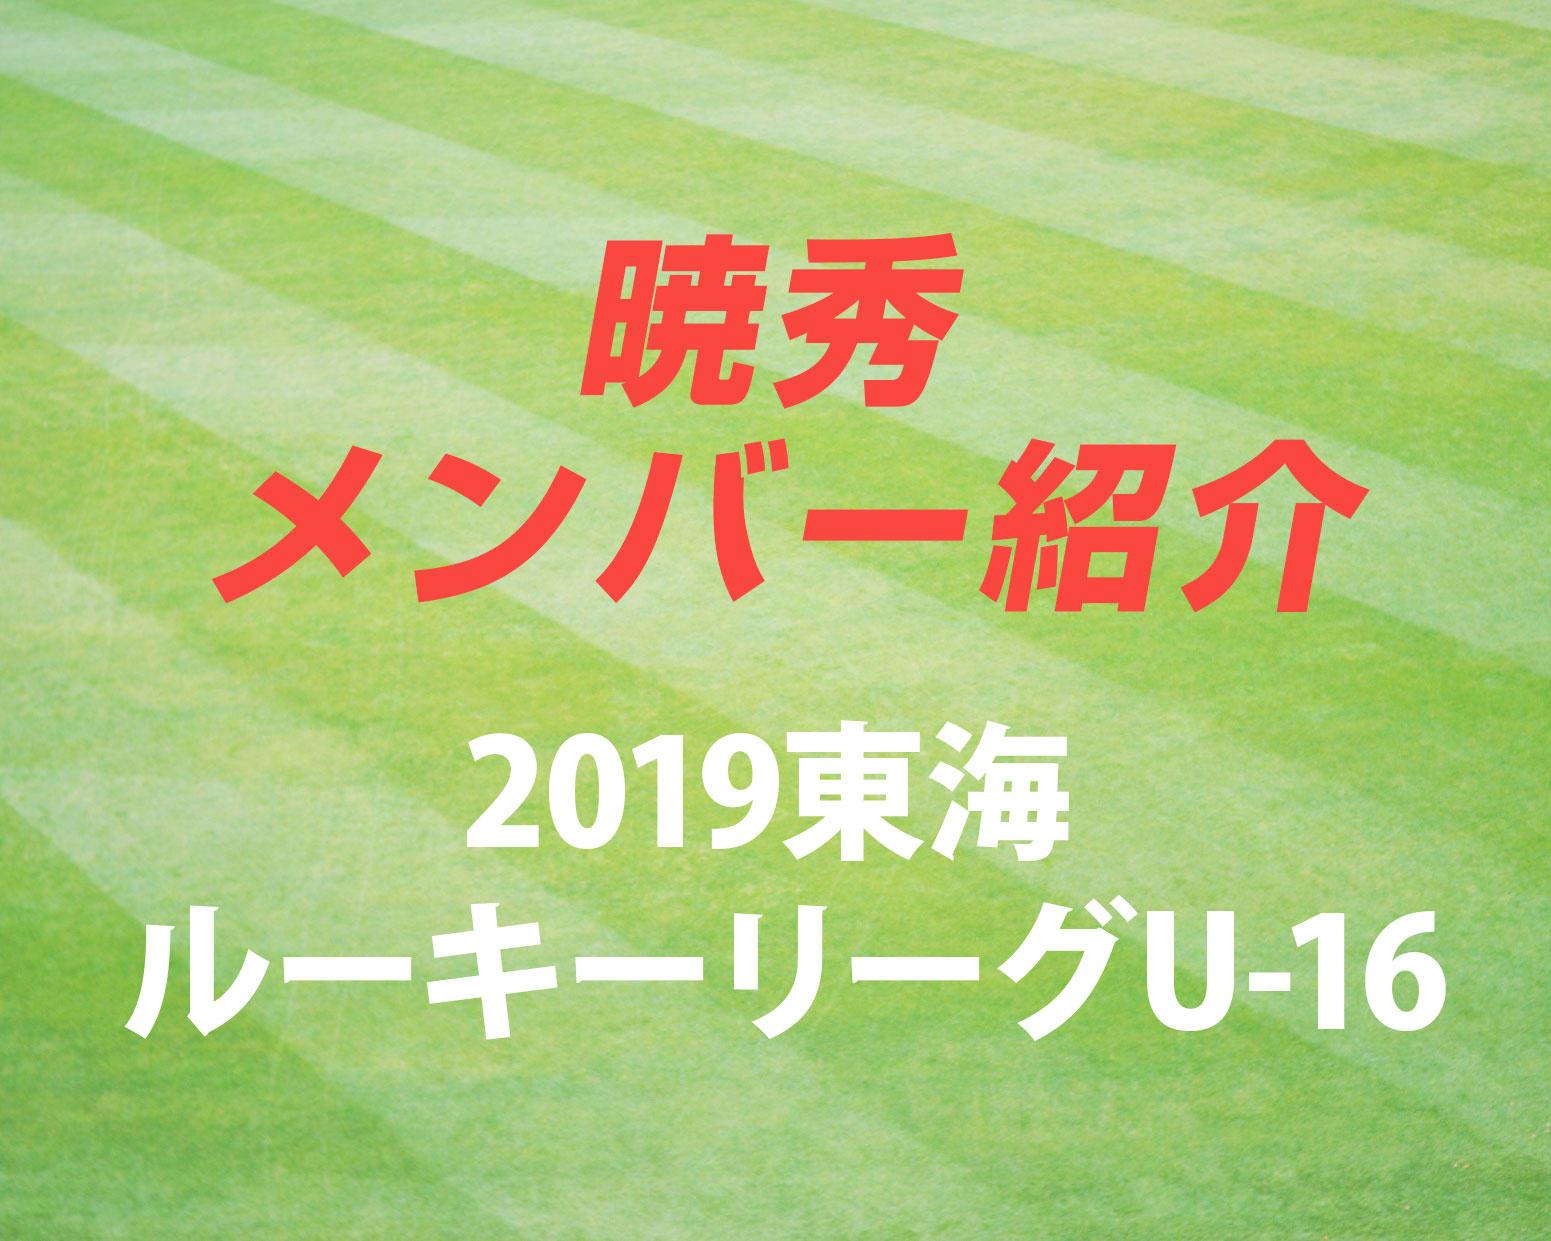 静岡の強豪・暁秀高校サッカー部のメンバー紹介!(2019 東海ルーキーリーグU-16)